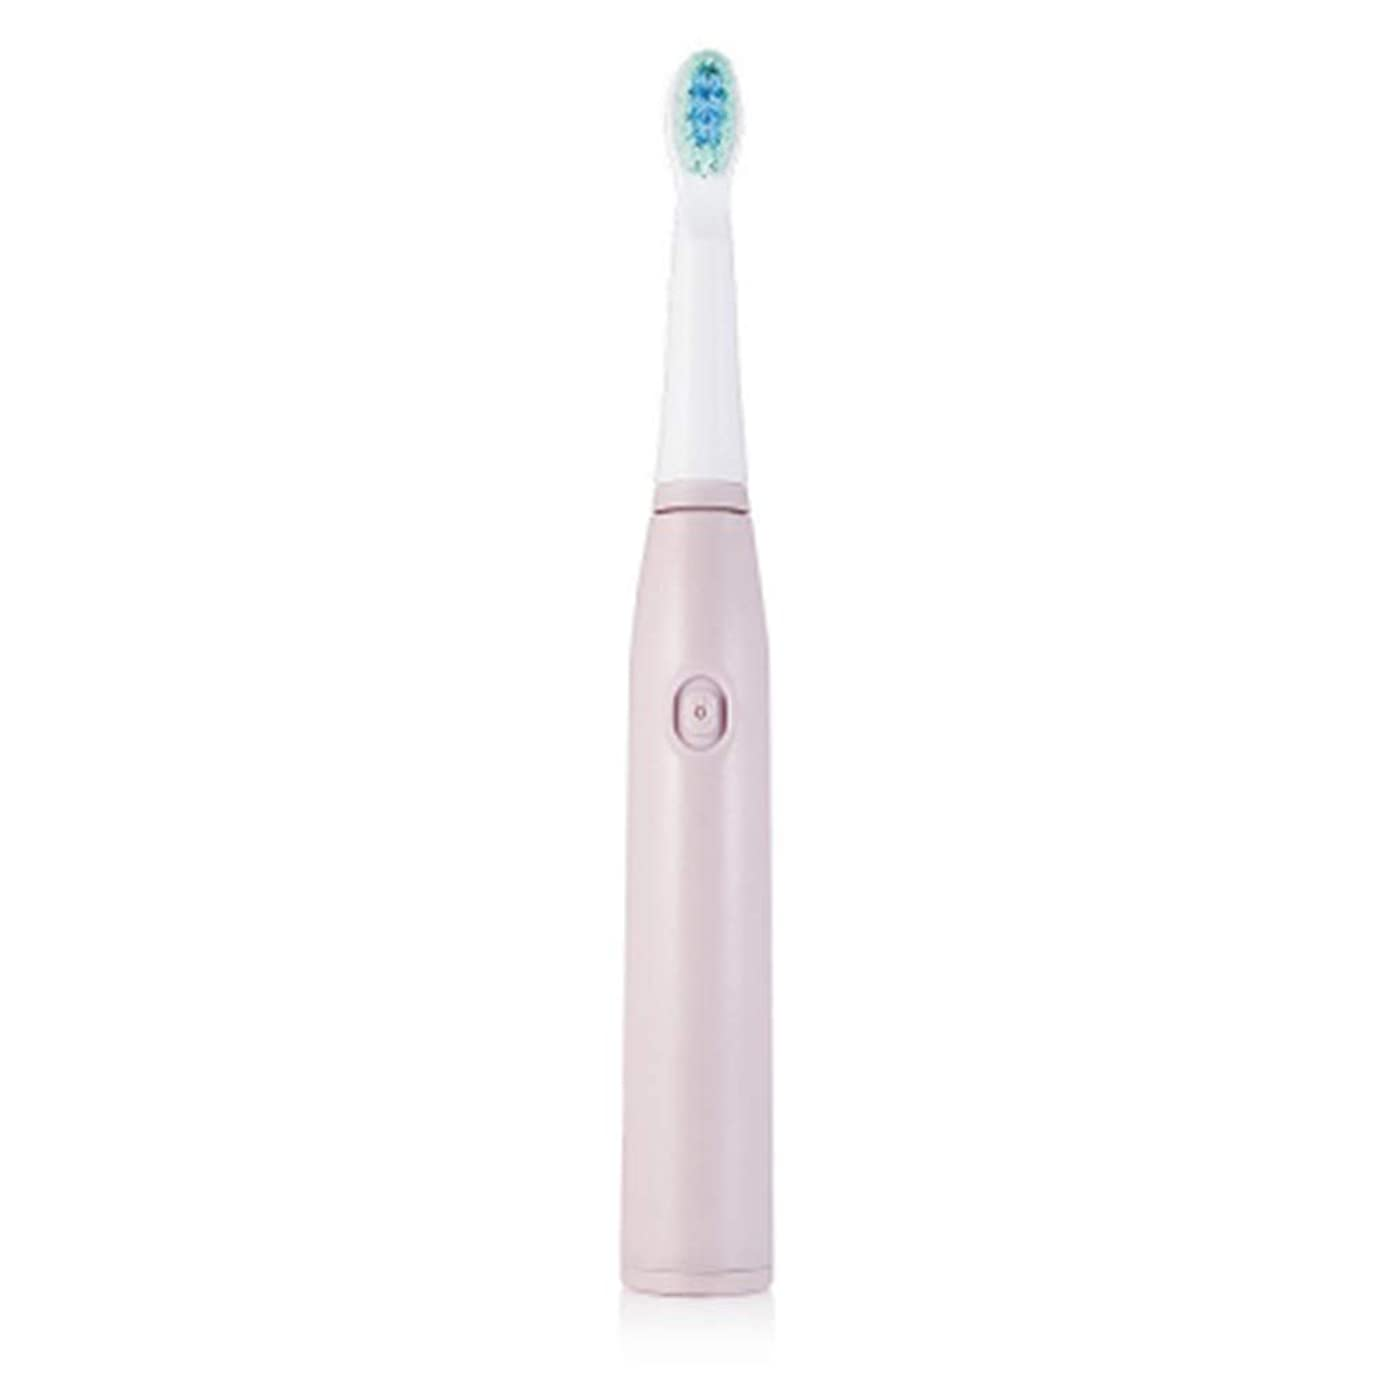 それからねじれ到着電動歯ブラシソニックキッズ電動歯ブラシ2ブラシヘッドとインテリジェント振動